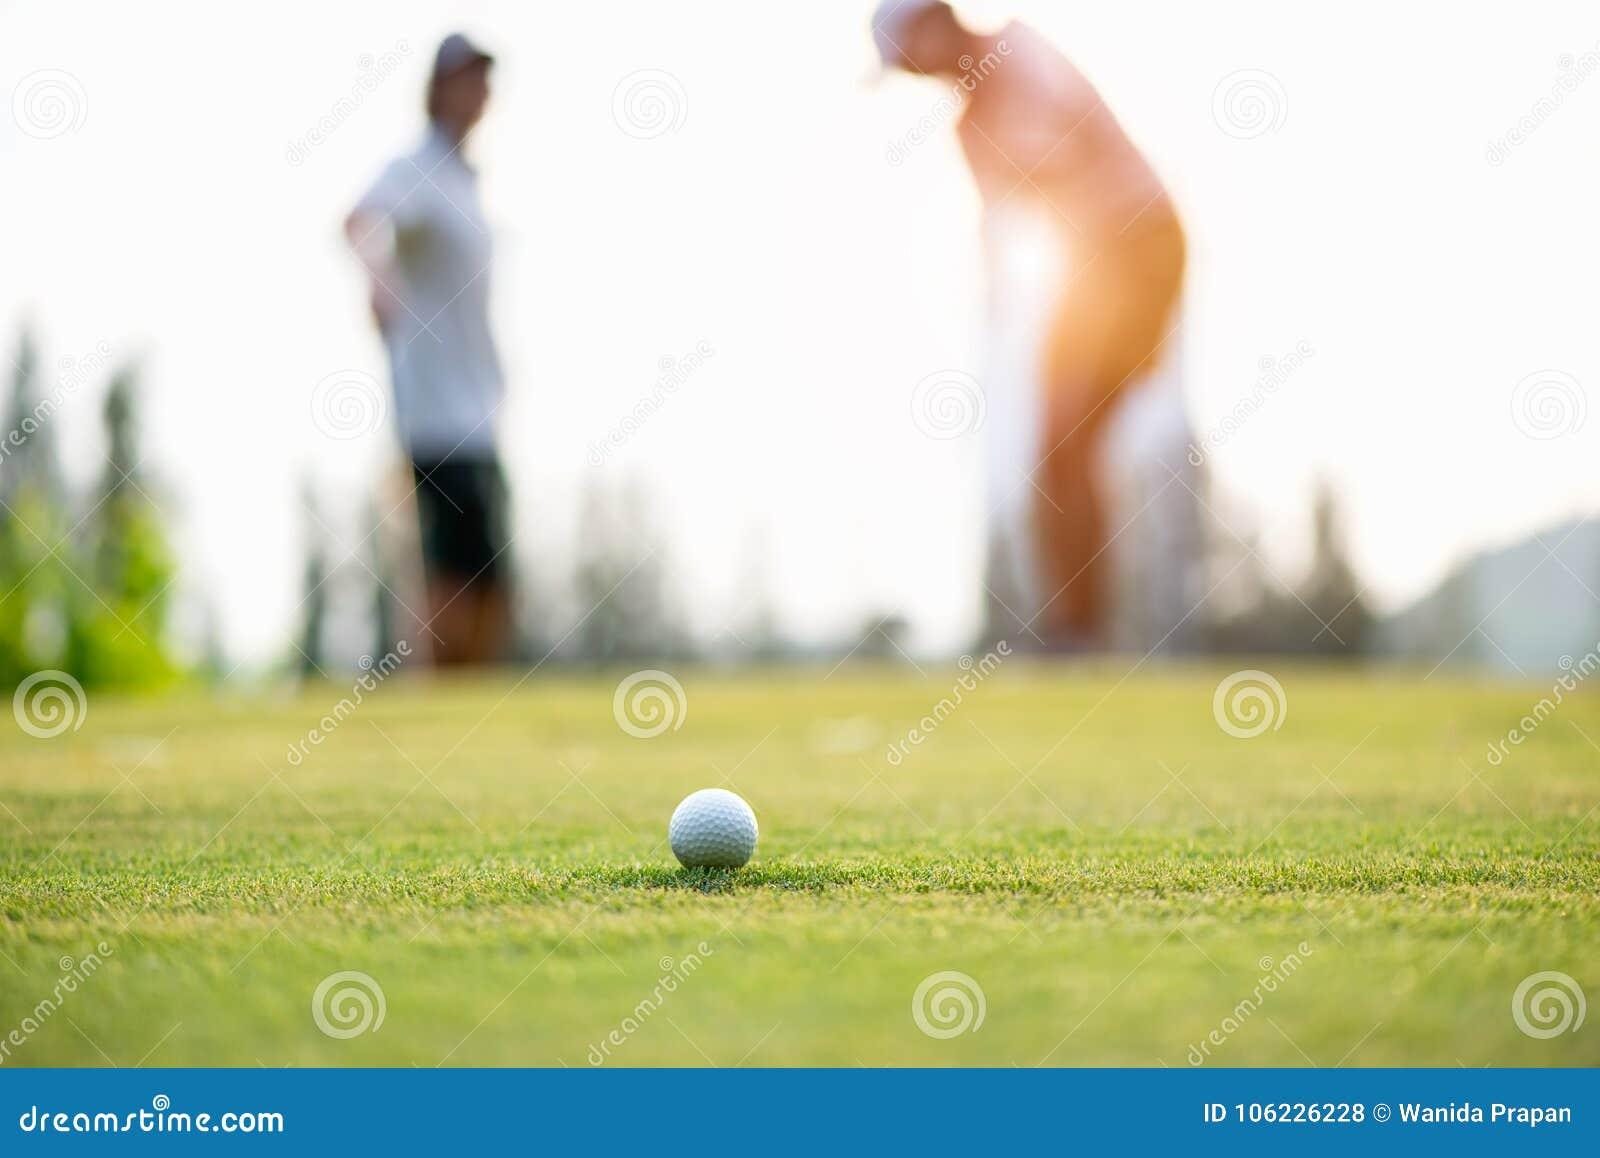 Golfbollinställning till hållen på gräsplanen Koppla ihop golfspelaren som sätter golfboll i bakgrunden